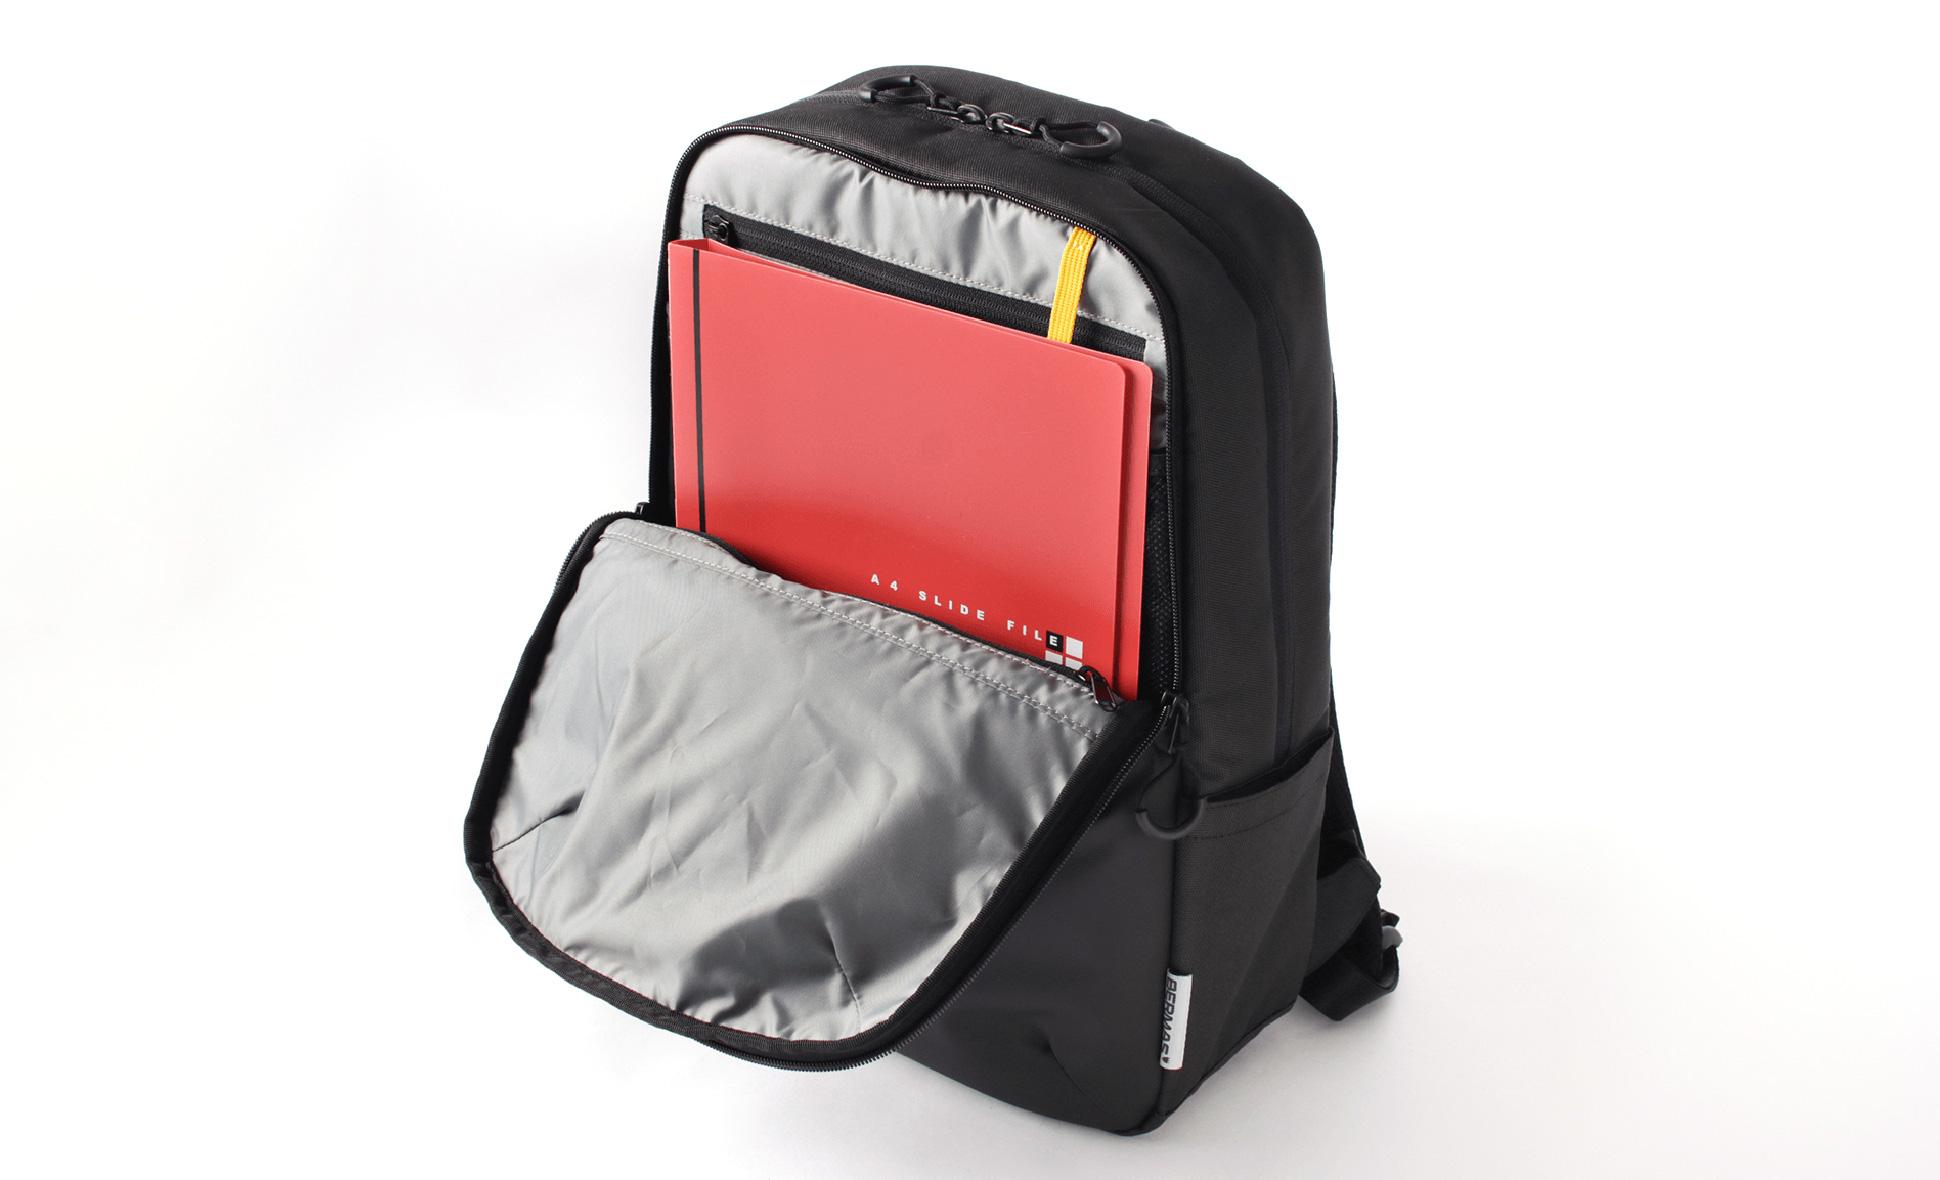 フロントポケットには薄型A4ファイルの収納が可能。